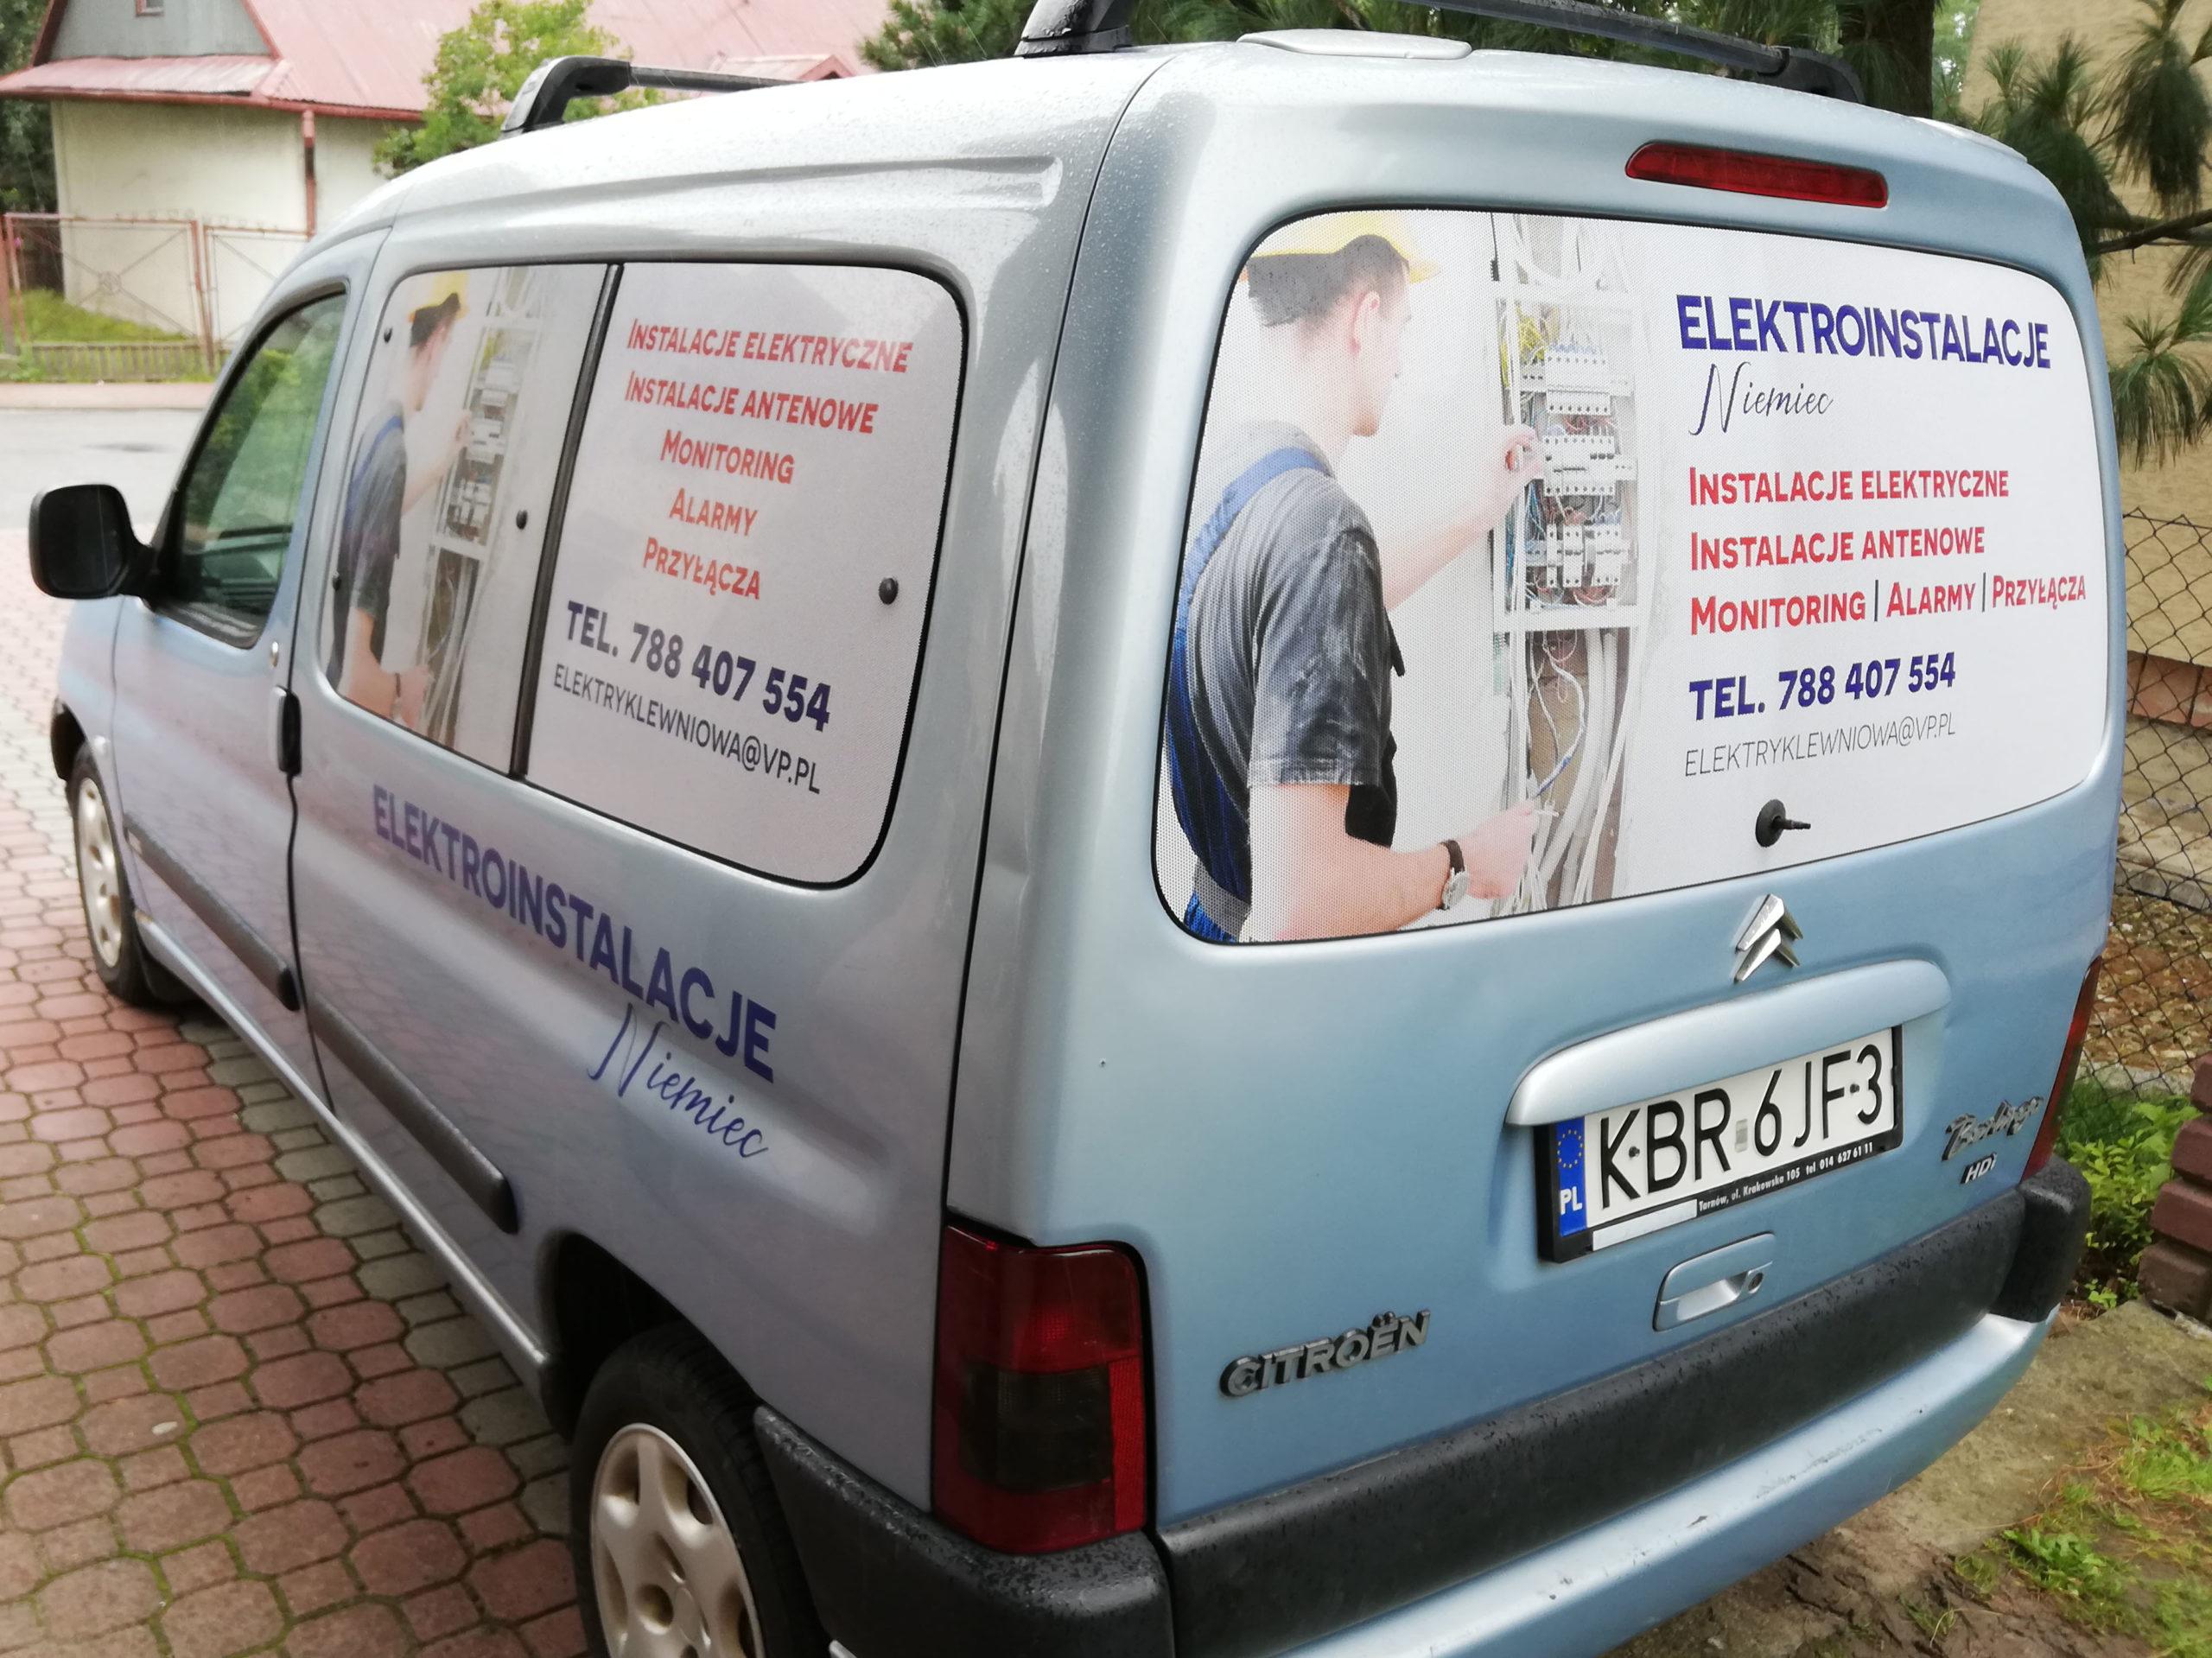 Realizacja reklamy Elektroinstalacje